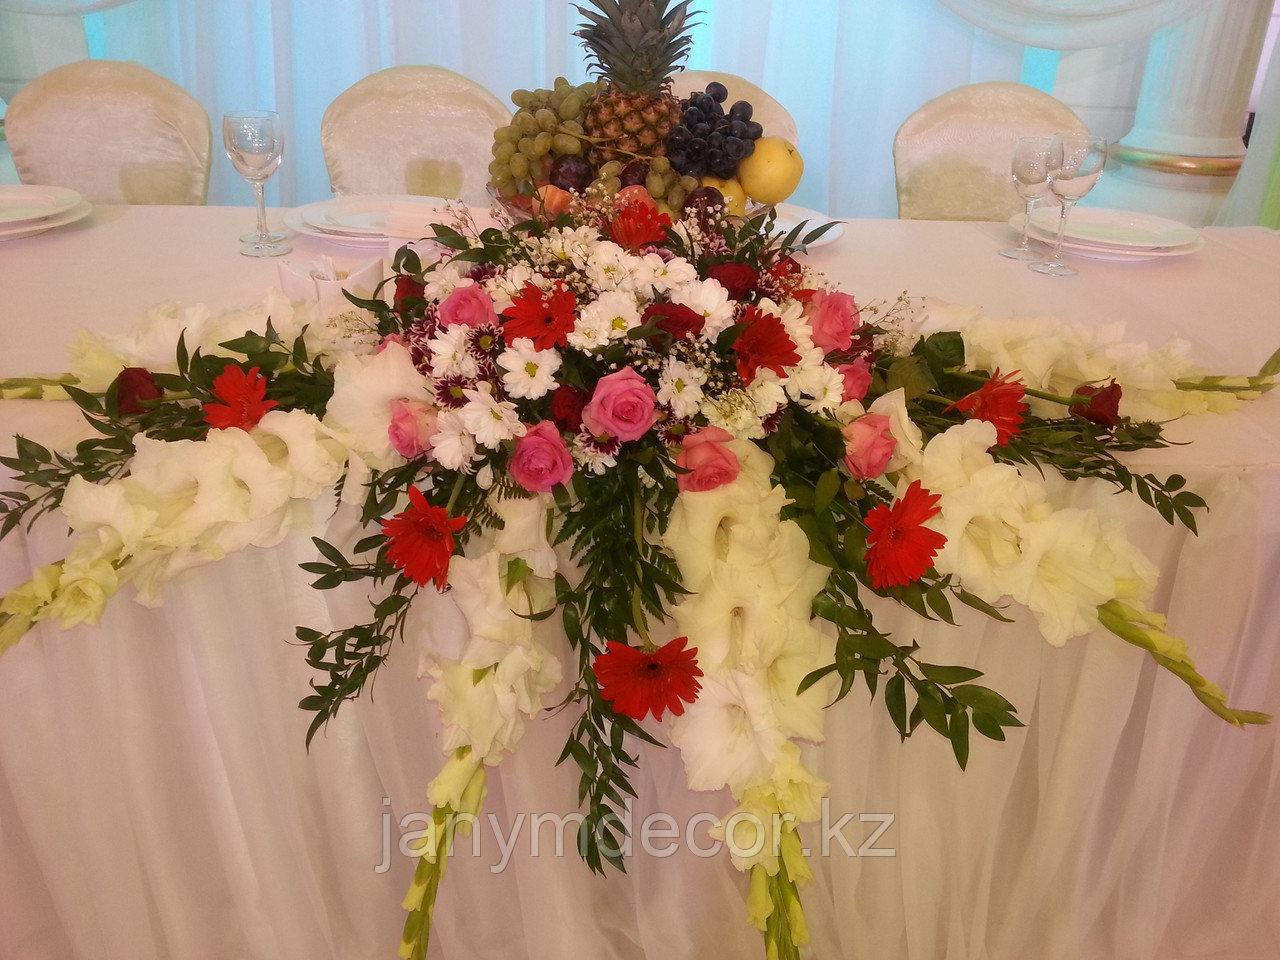 Оформление живыми цветами в Алматы - фото 4